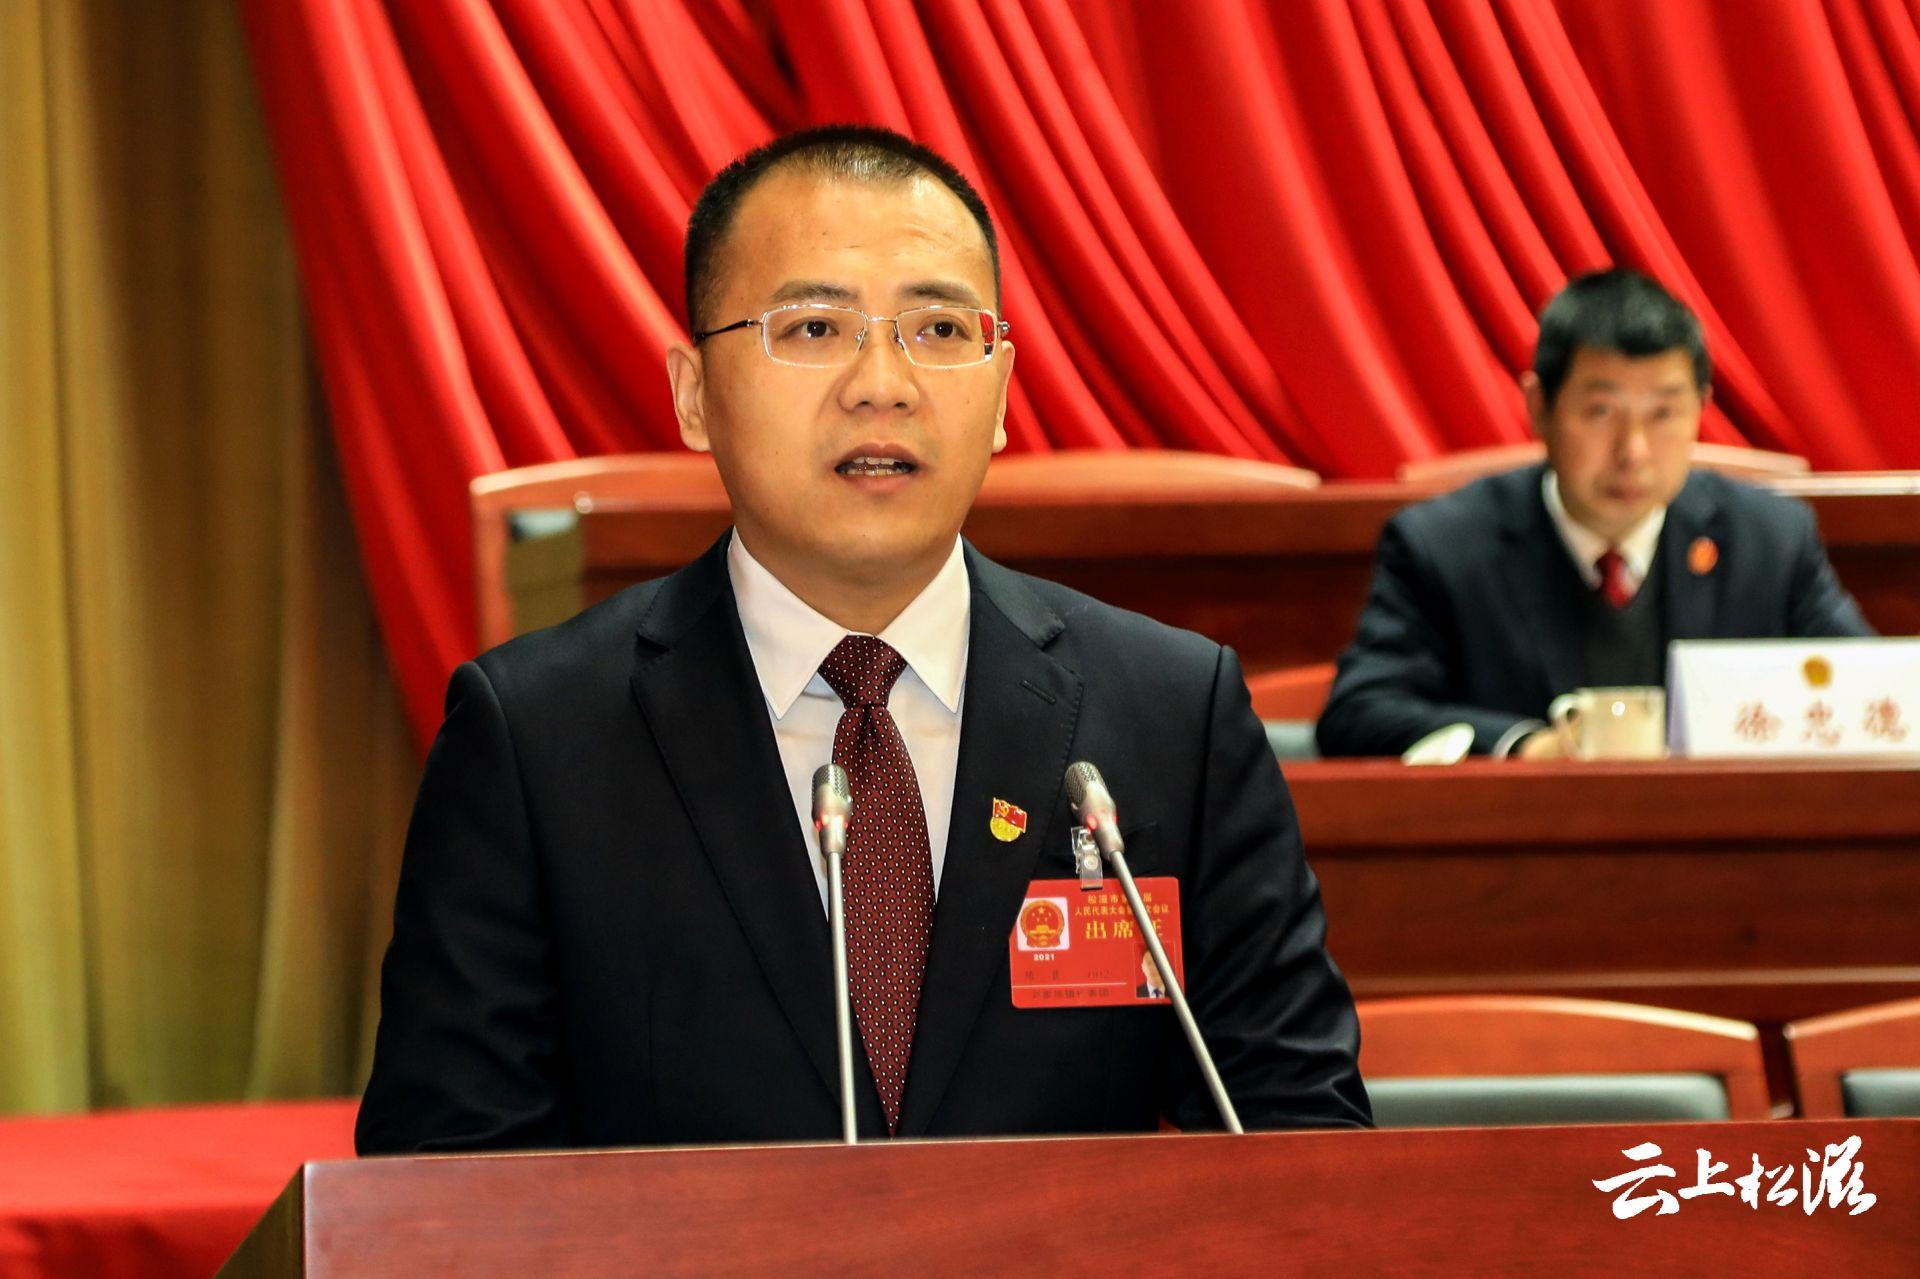 陈良当选为松滋市人民政府市长